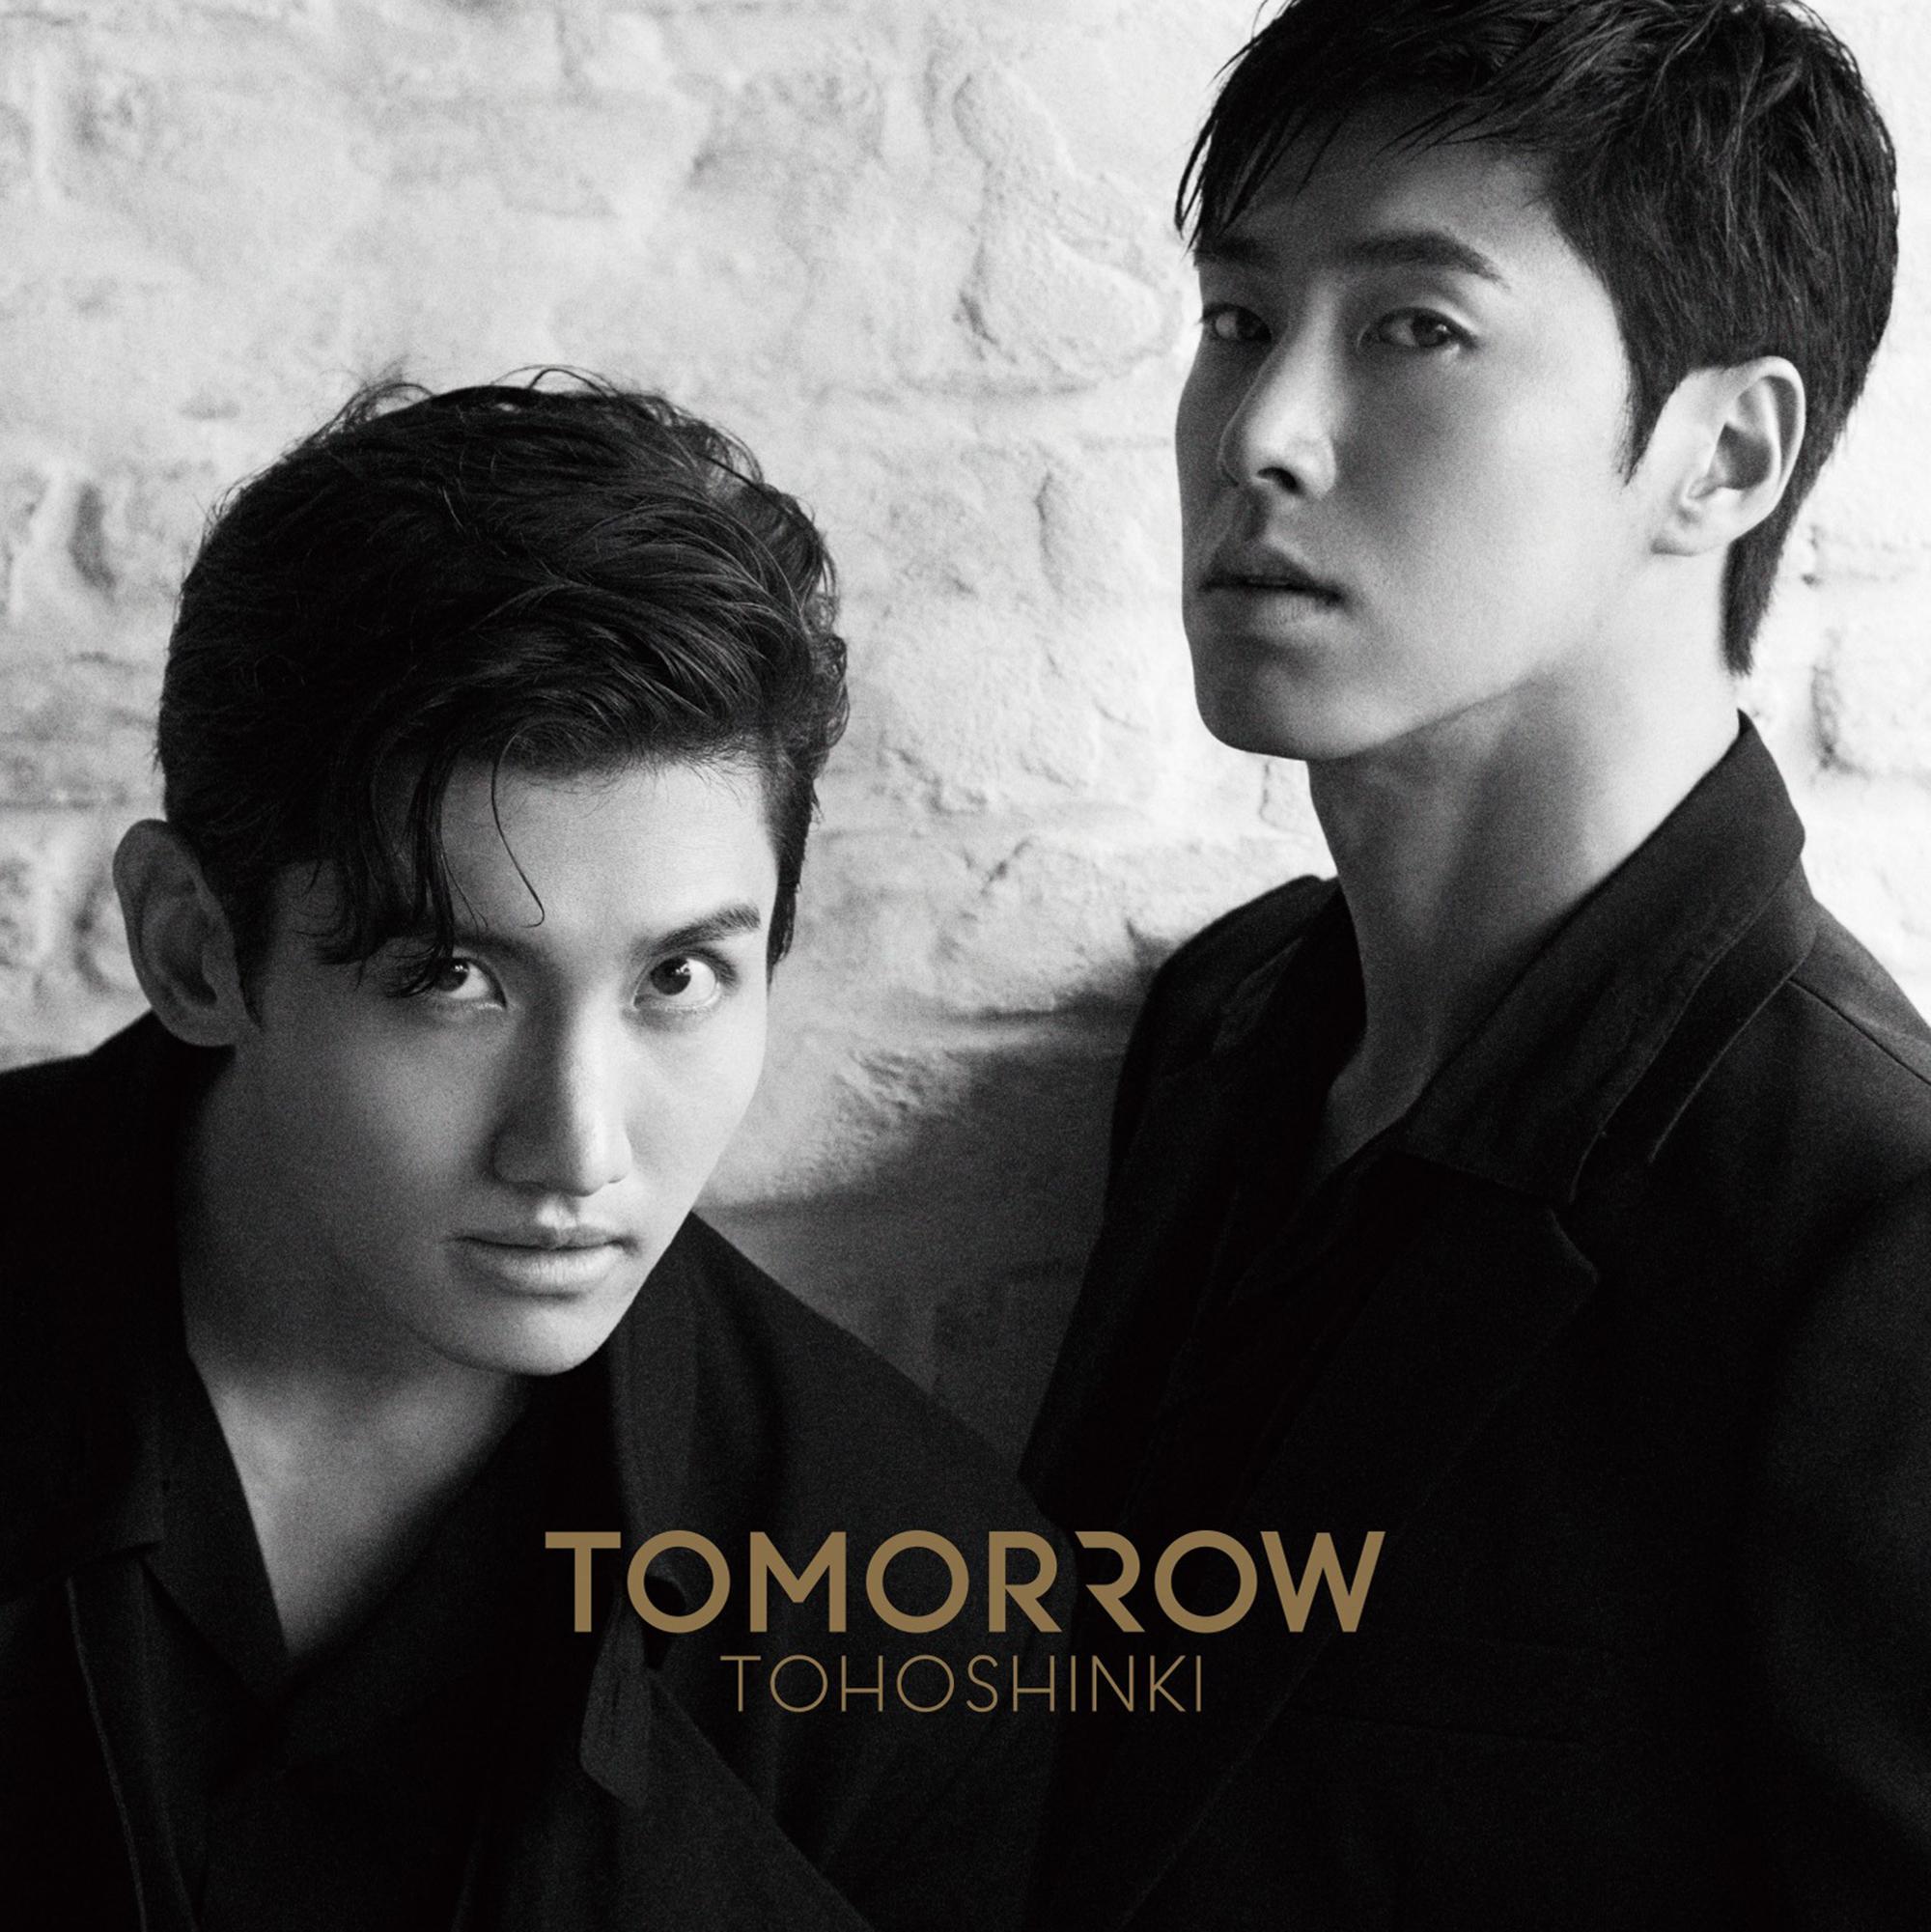 东方神起日本新专辑'TOMORROW'登上Oricon日间榜首位